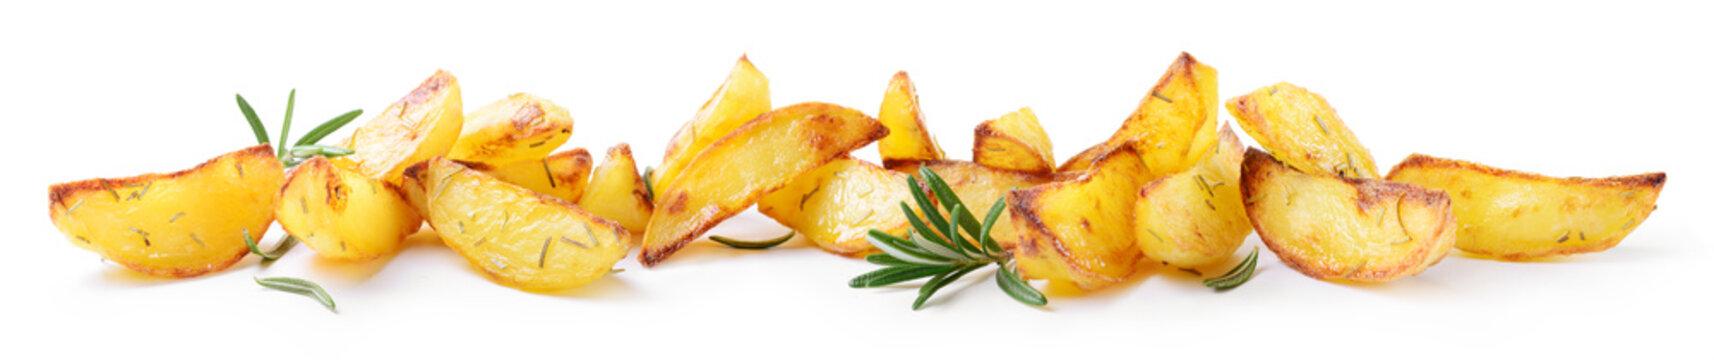 Roasted potatoes isolated on white background